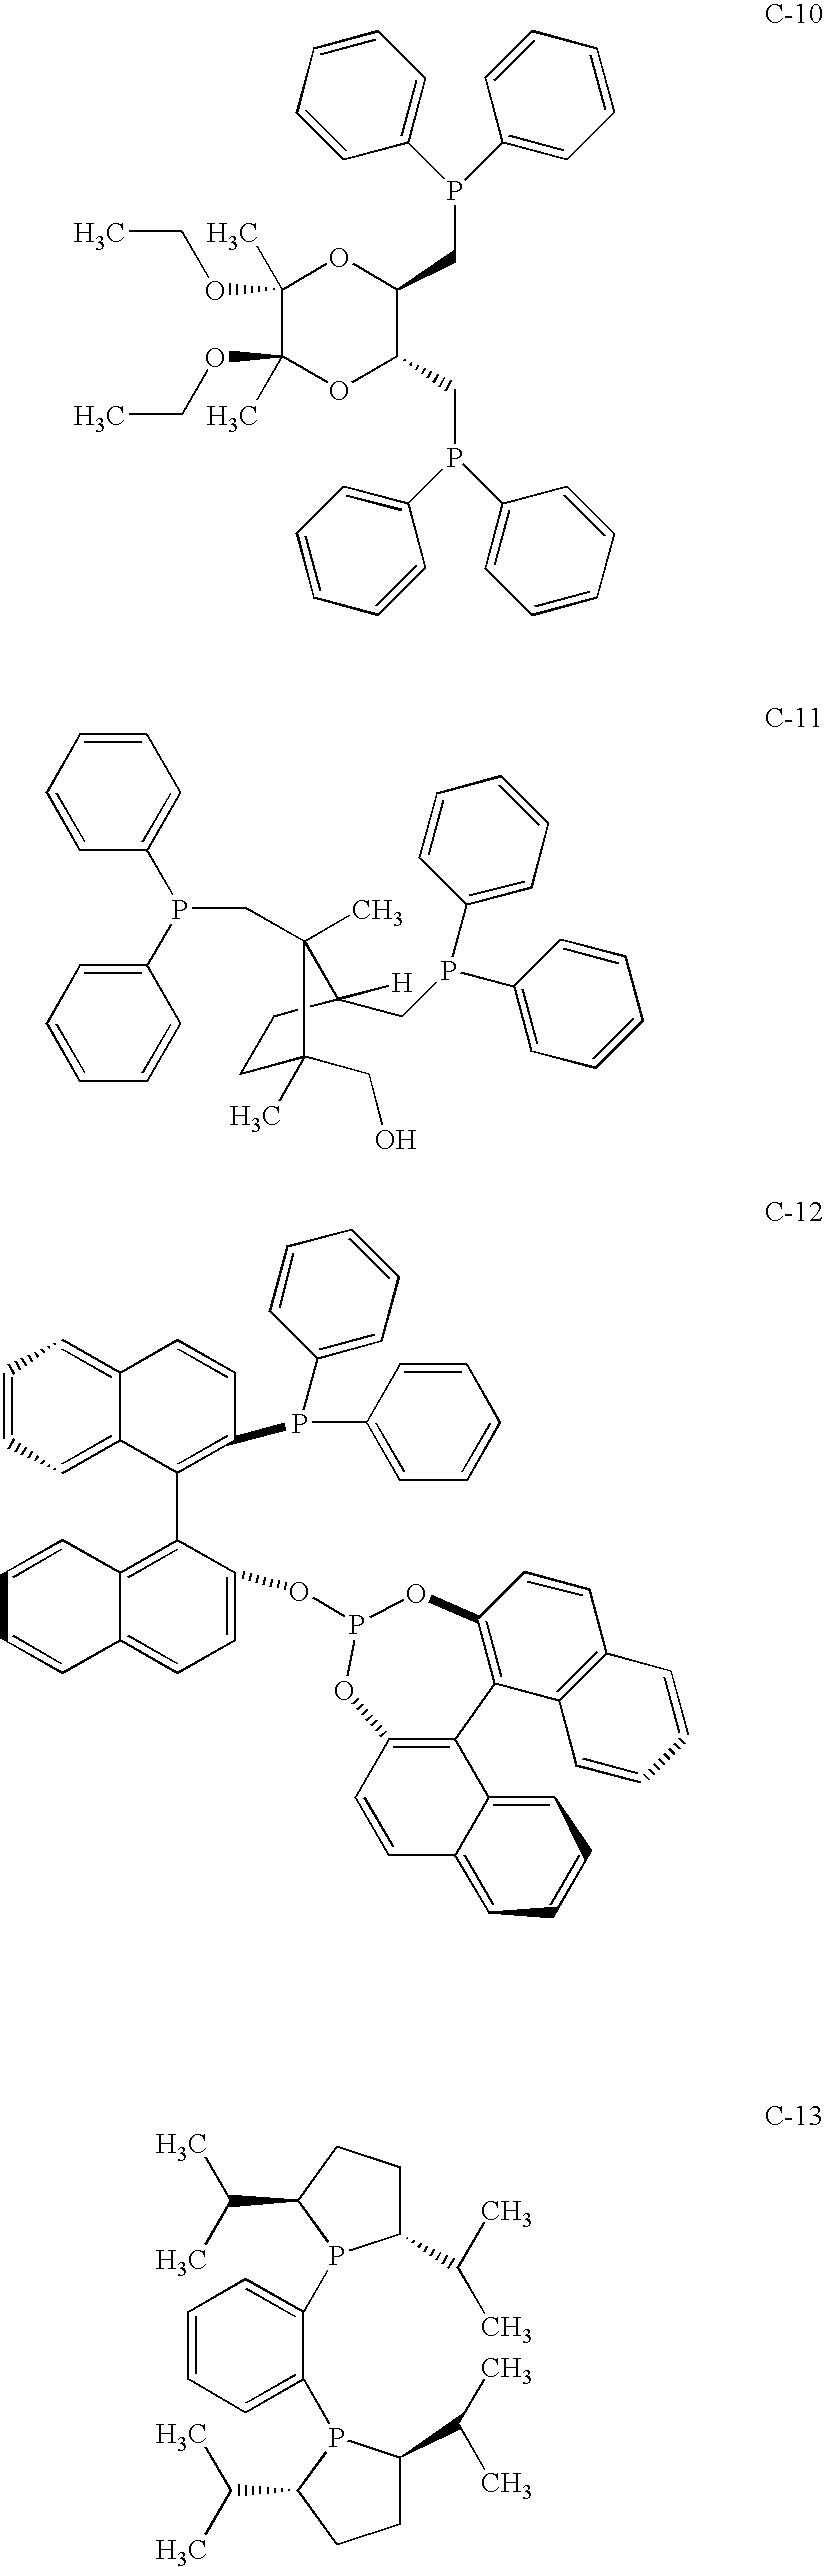 Figure US20100173892A1-20100708-C00030